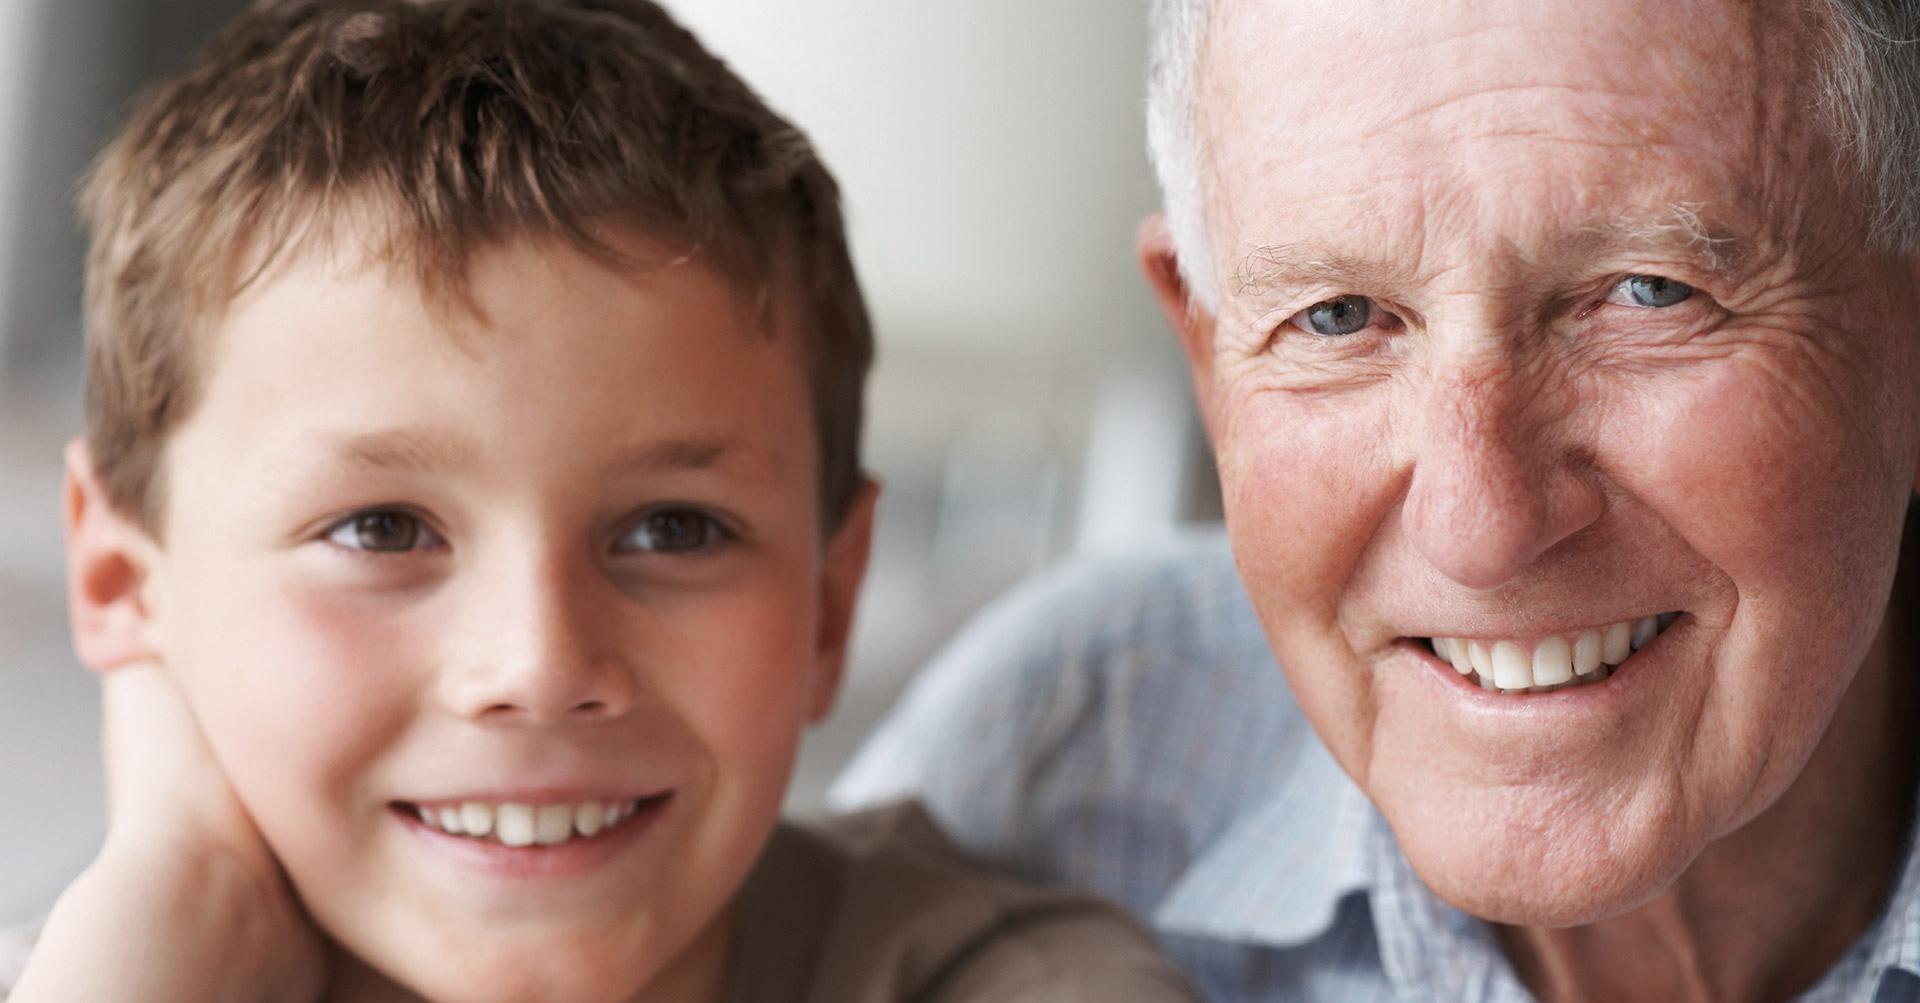 wahrnehmungsstörungen symptome kinder